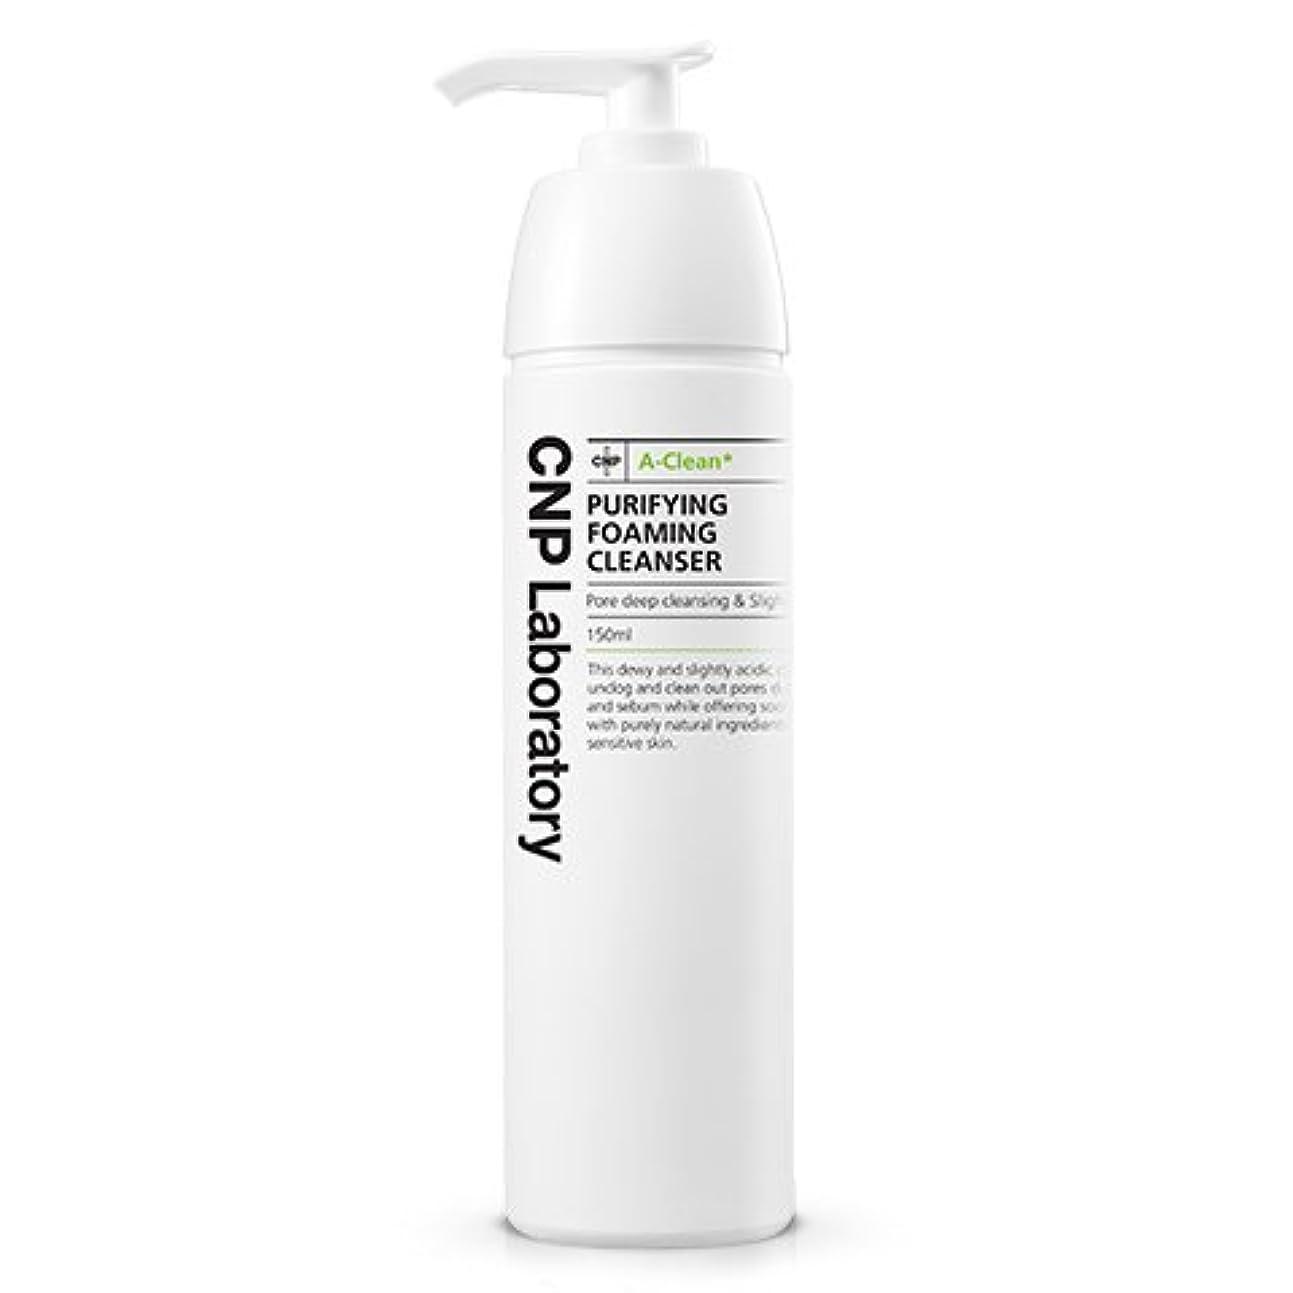 ポーク後継ヘロインCNP Laboratory Aクリーンピーリングフォーミングクレンザー/A-Clean Purifying Foaming Cleanser 150ml [並行輸入品]